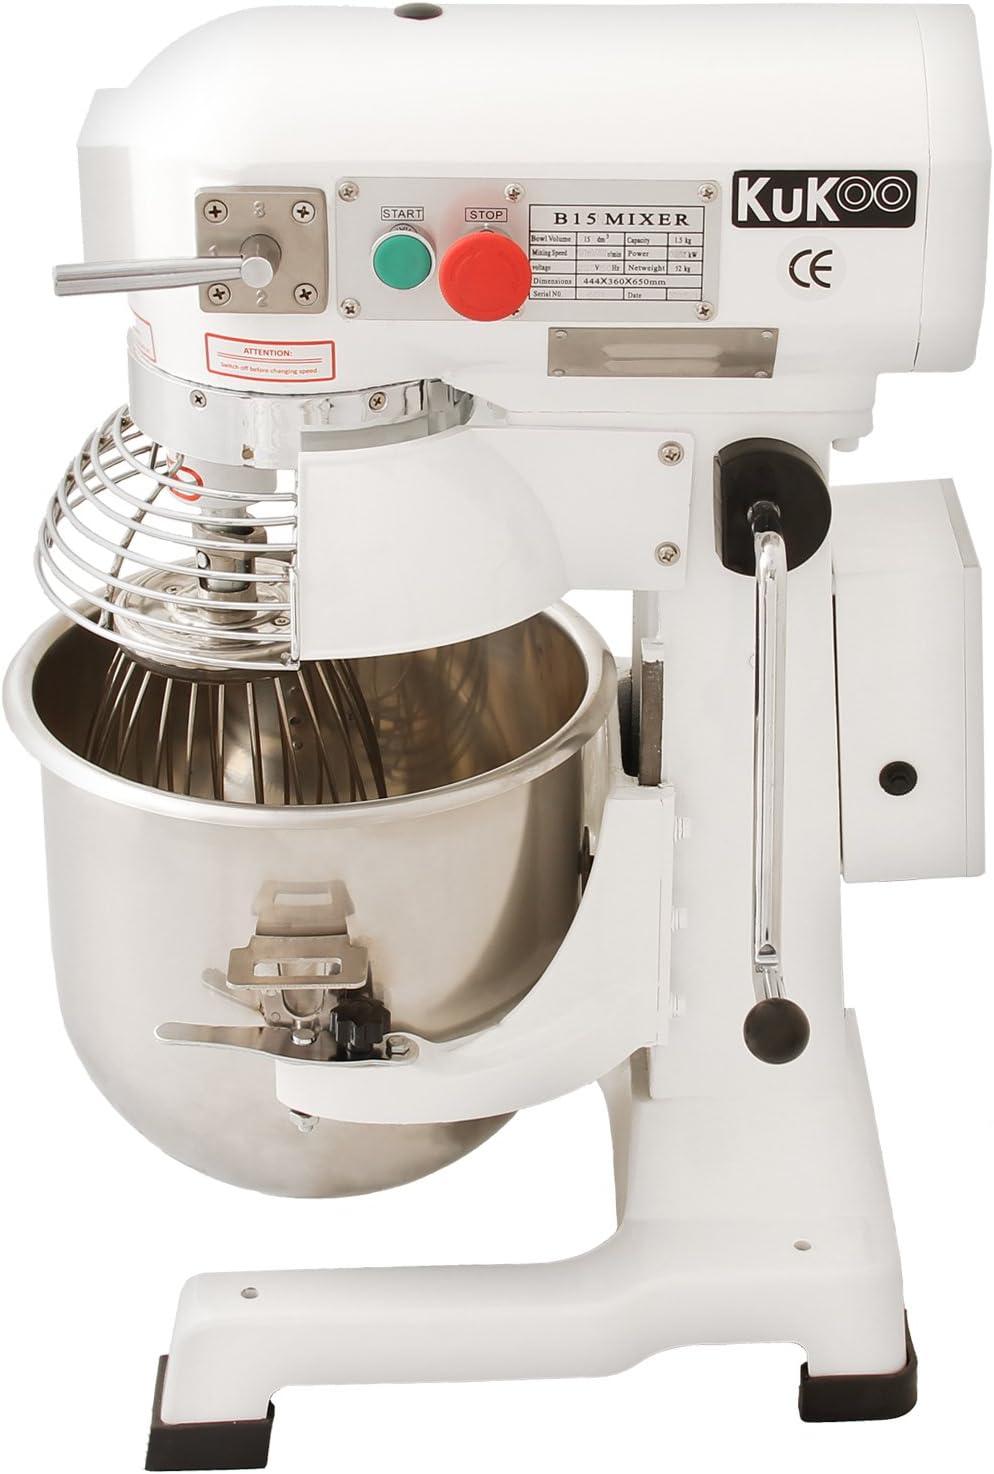 KuKoo Robot Batidora 550W Amasadora Repostería Profesional Robot ...